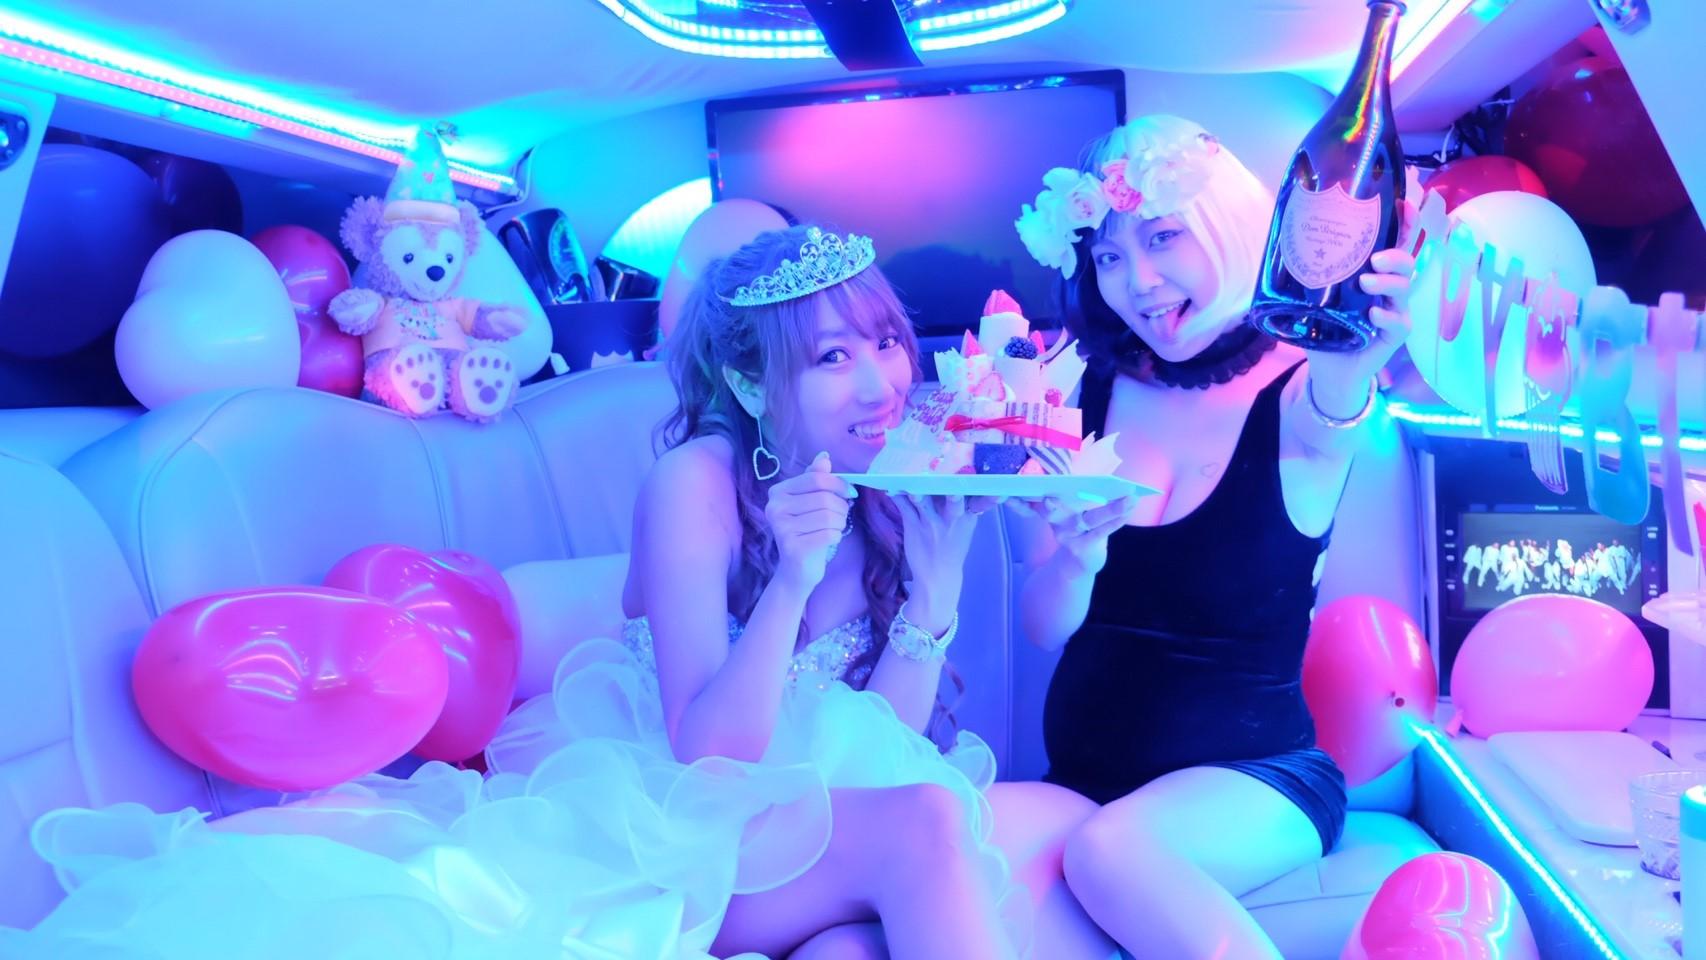 ずっと楽しみにしていたリムジン女子会念願の東京で楽しめました